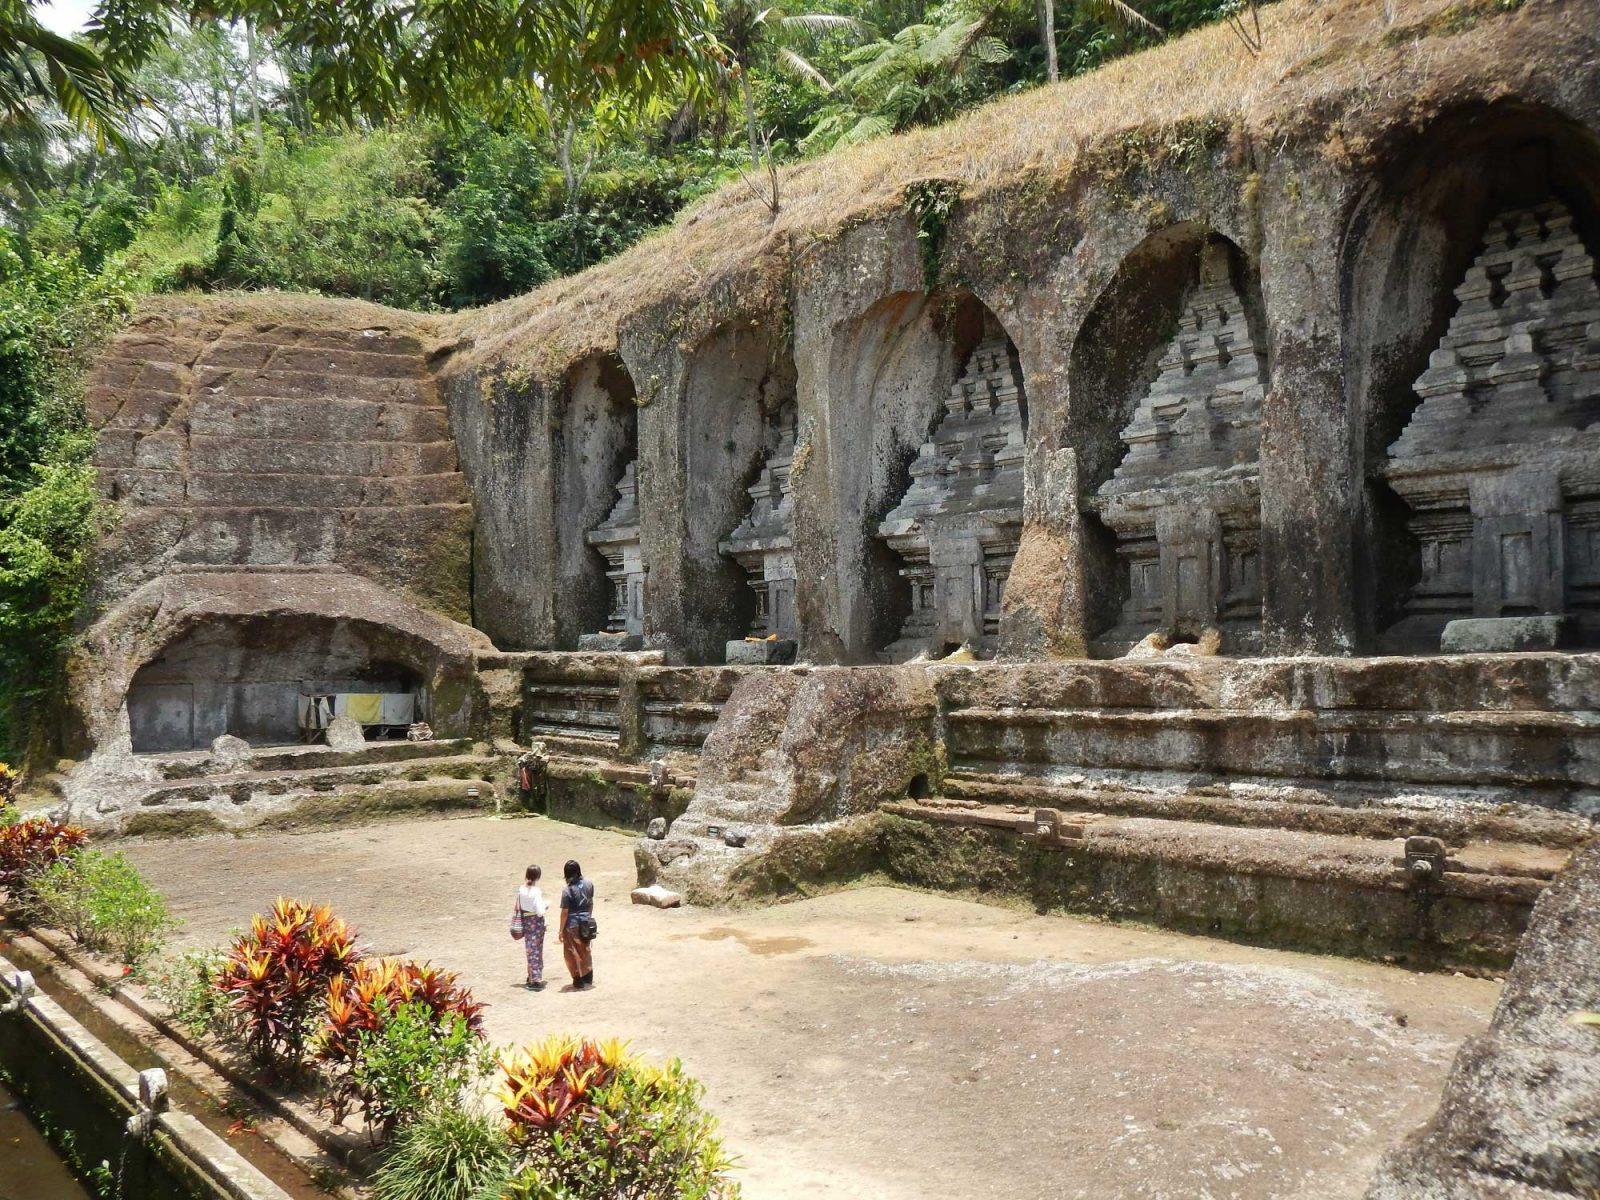 バリ島の世界遺産、グヌンカウイ・ティルタエンプル寺院